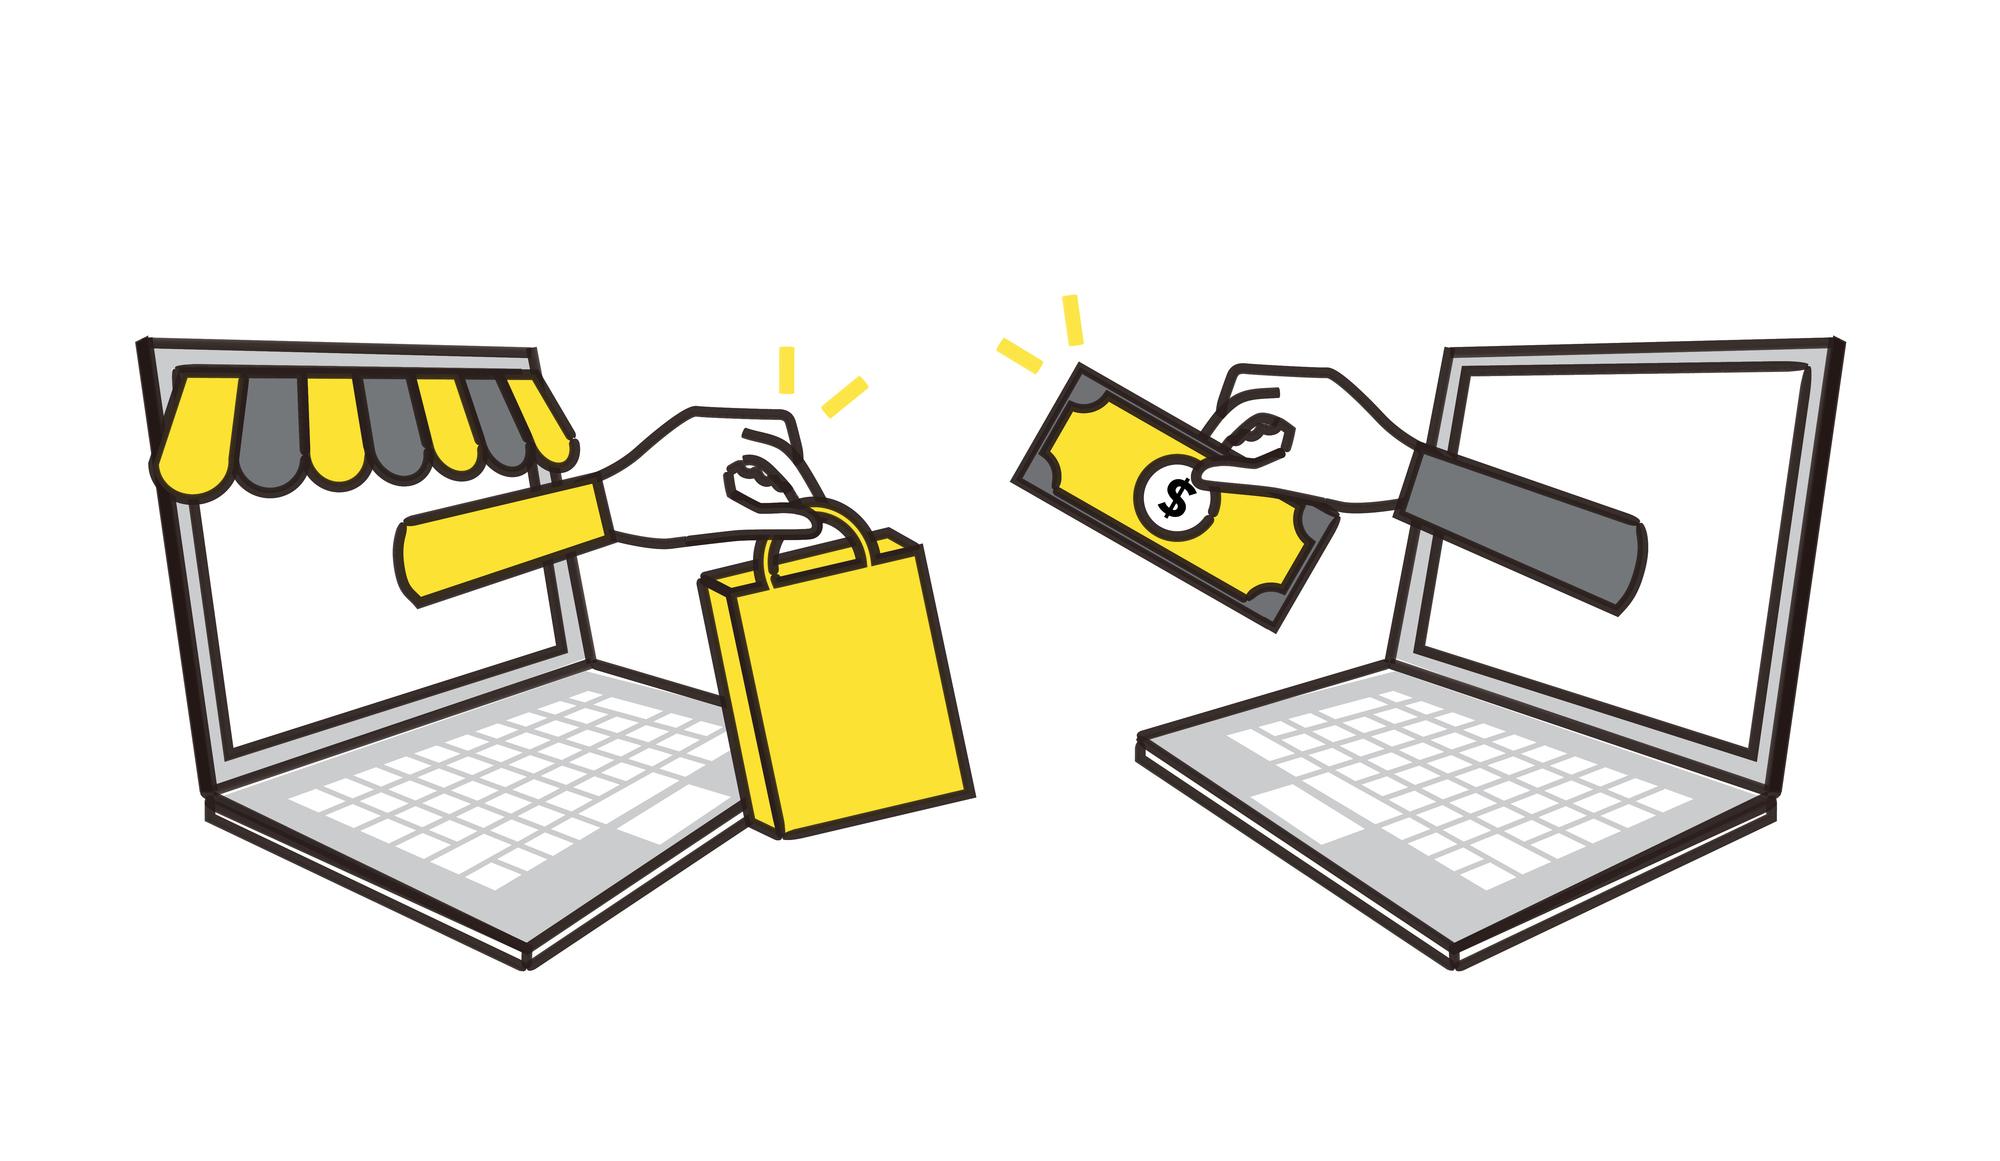 いつも.の定額制売れる制作サービスSUGOUDEは MakeShopにも対応しています!